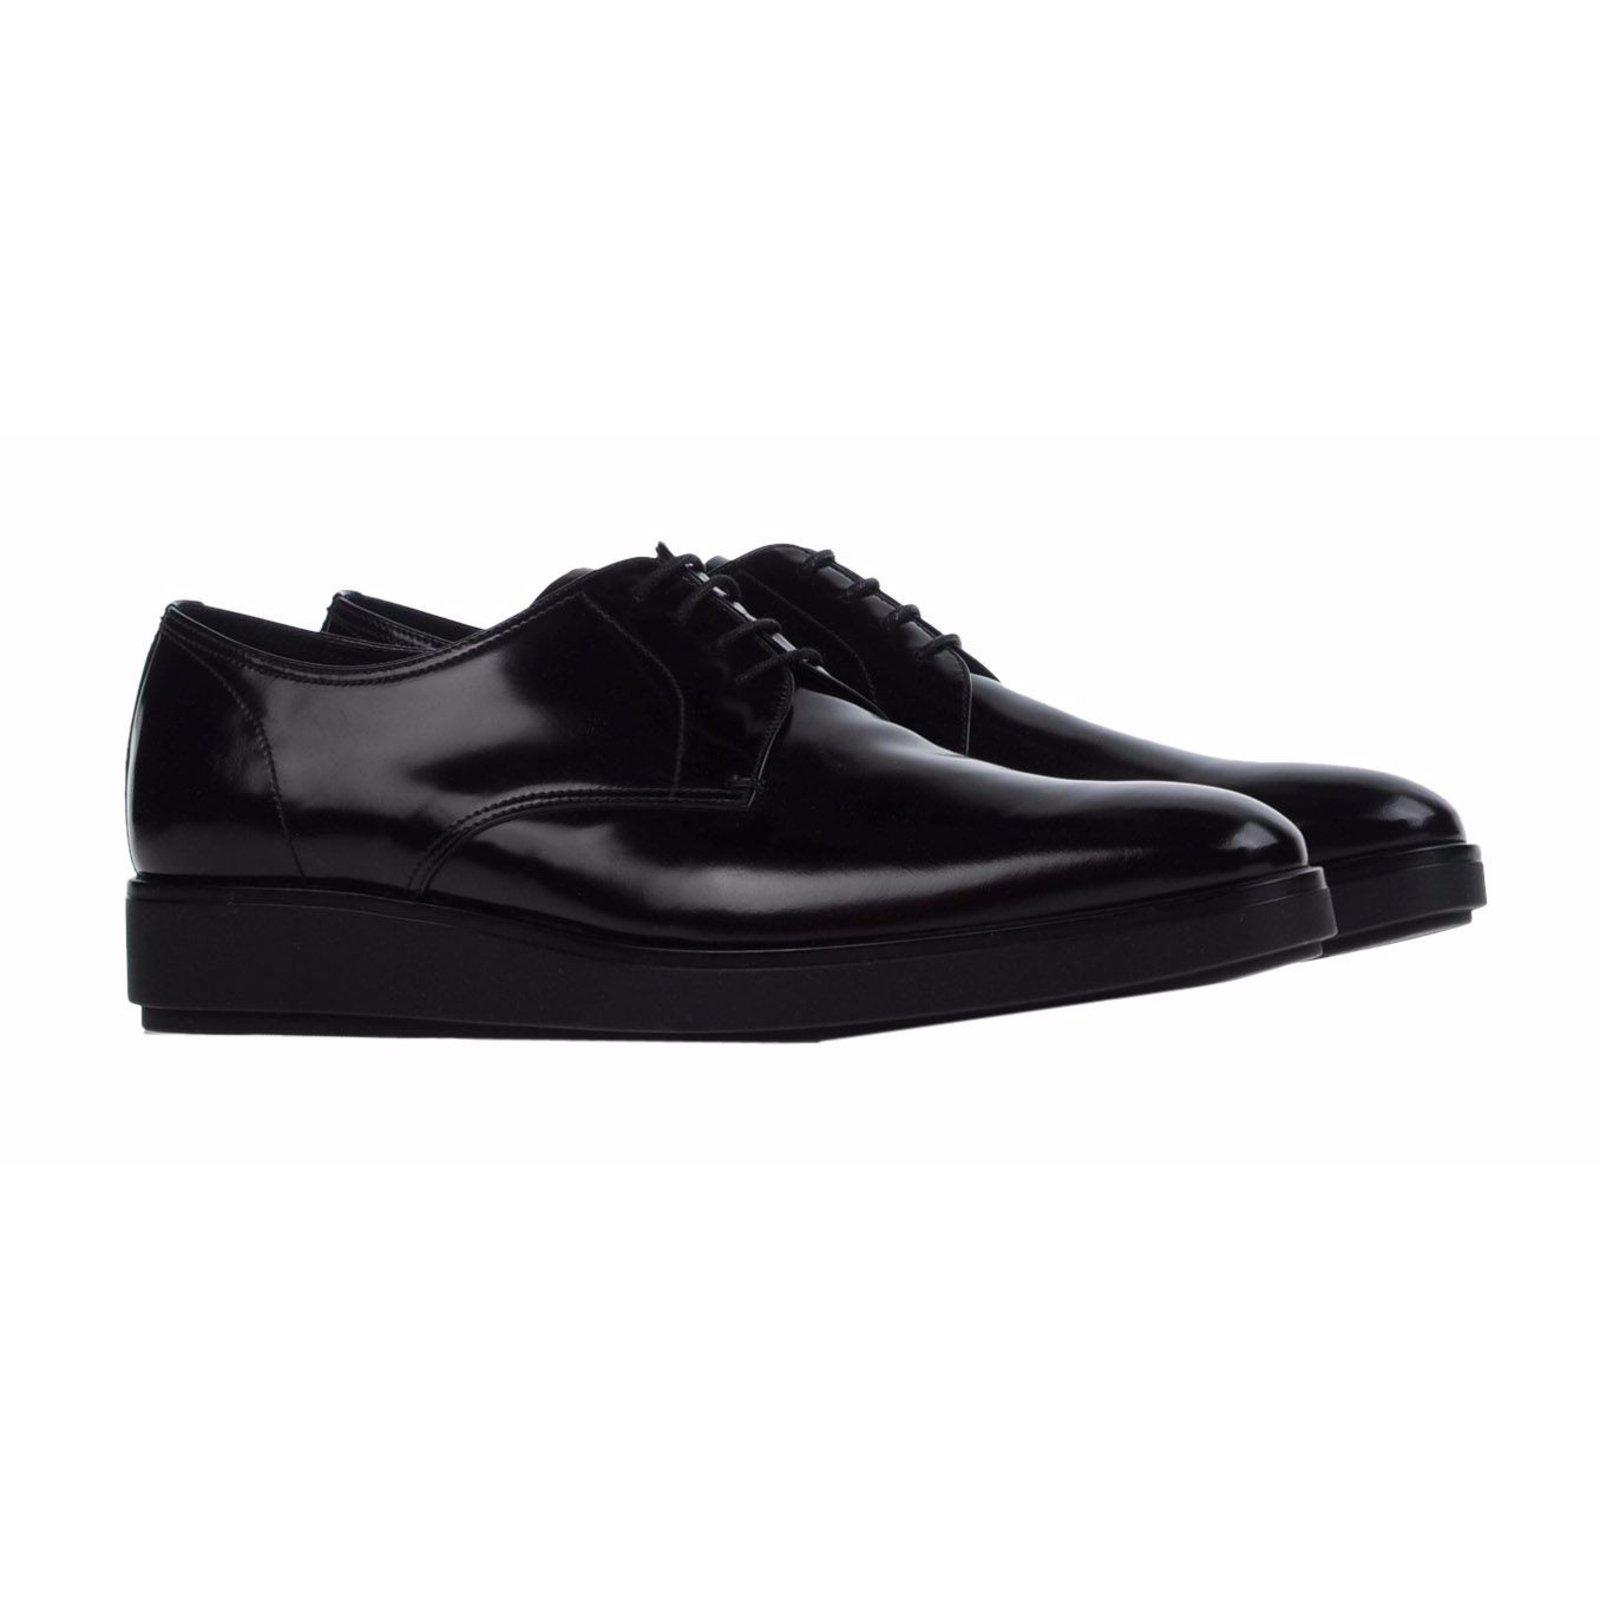 Prada Prada mens shoes derby lace up